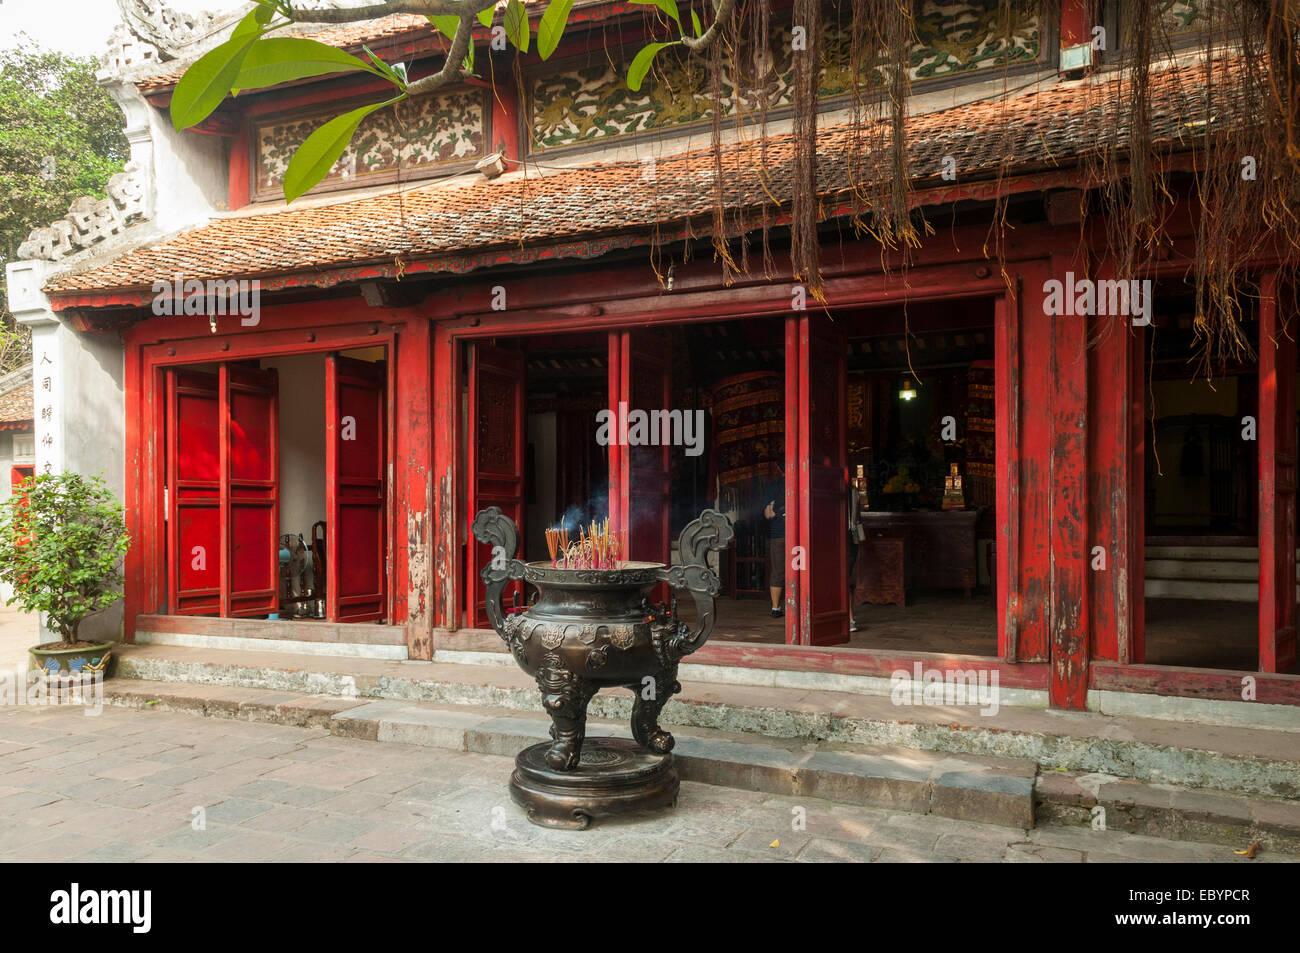 Ngoc Son Temple, Hanoi, Vietnam - Stock Image